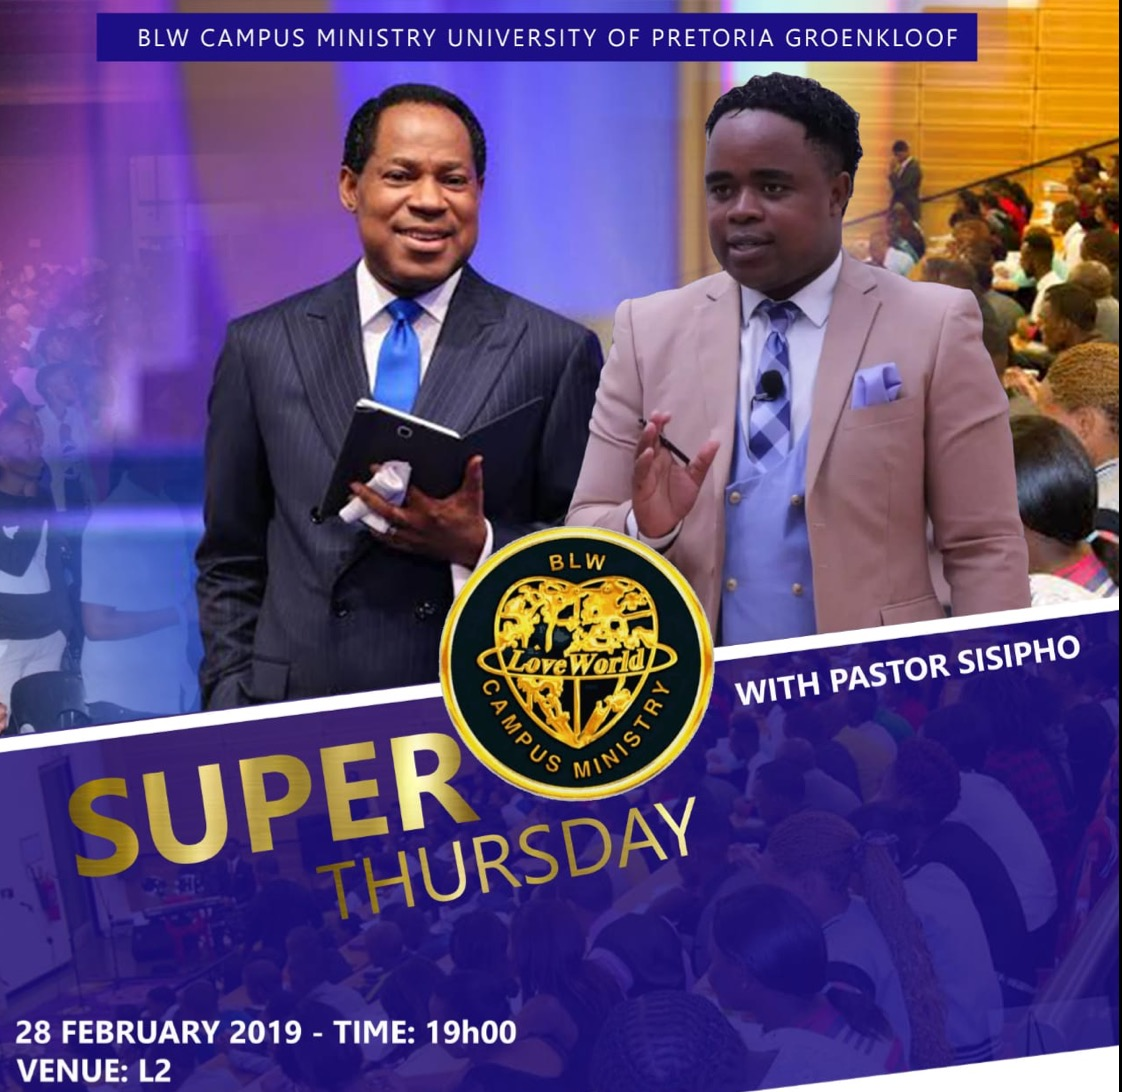 I'm Super Thursday and Partnership